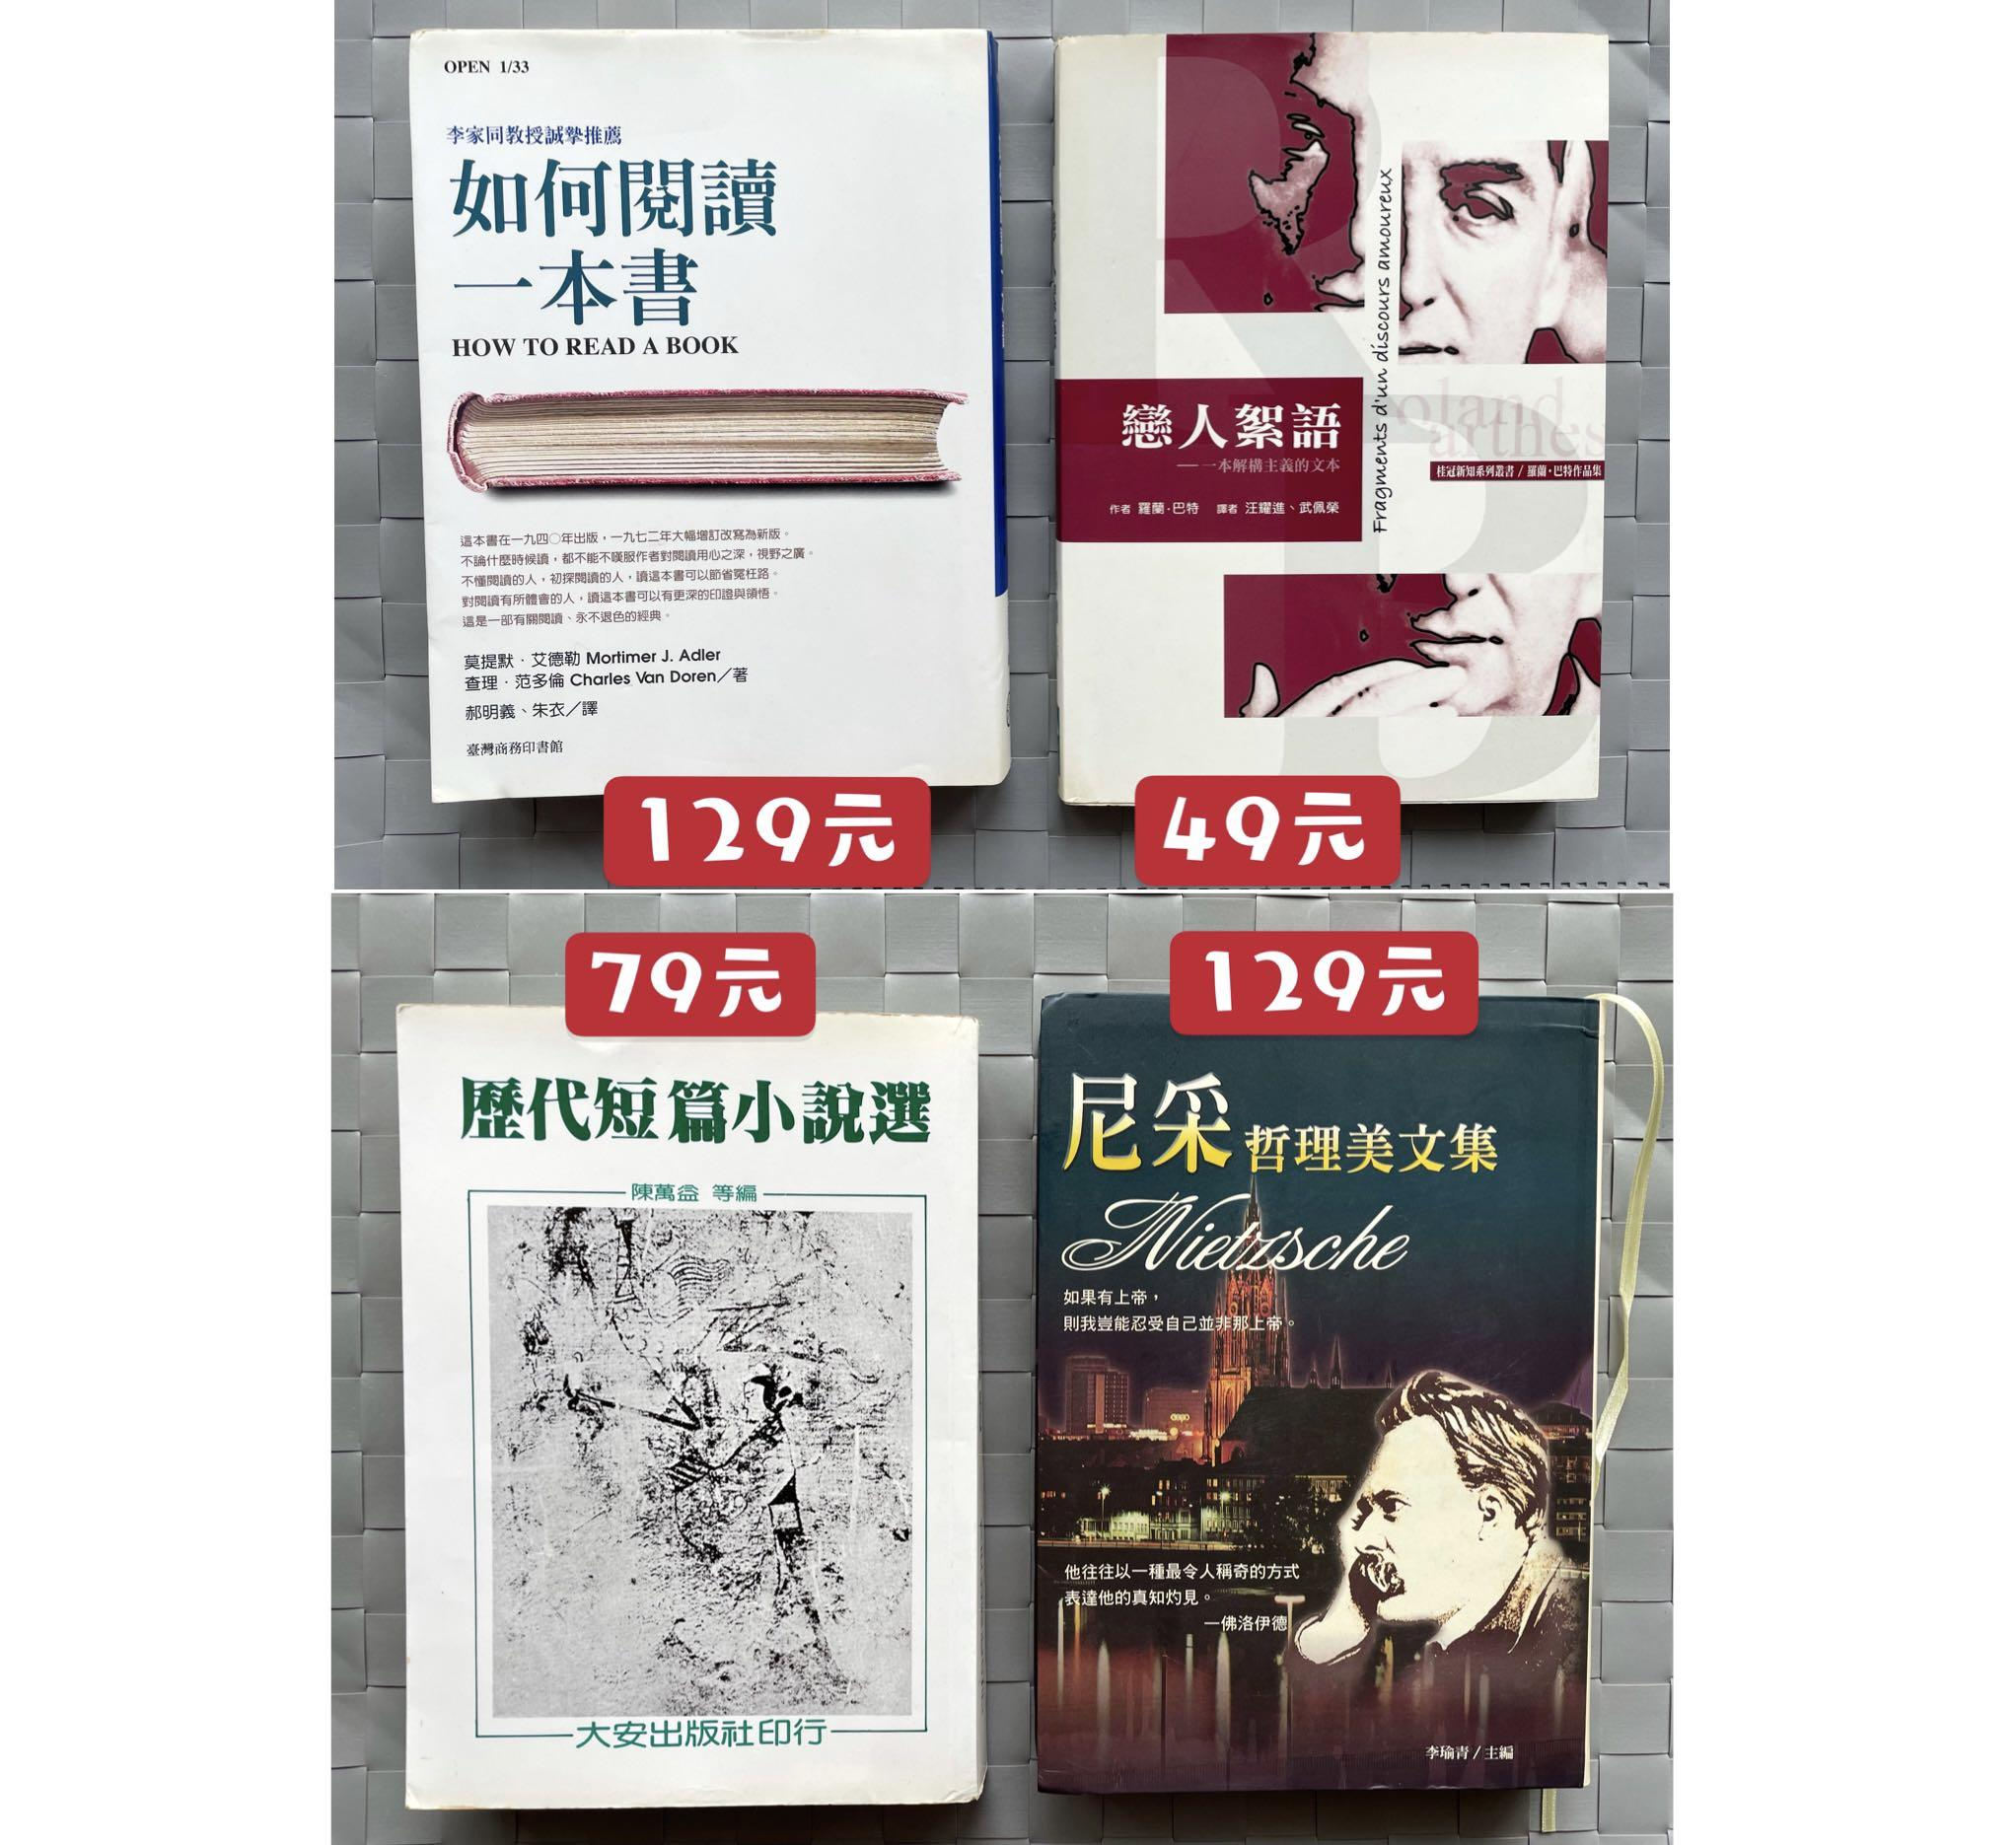 二手書-如何閱讀一本書/戀人絮語/尼采哲理美文集/歷代短篇小說選